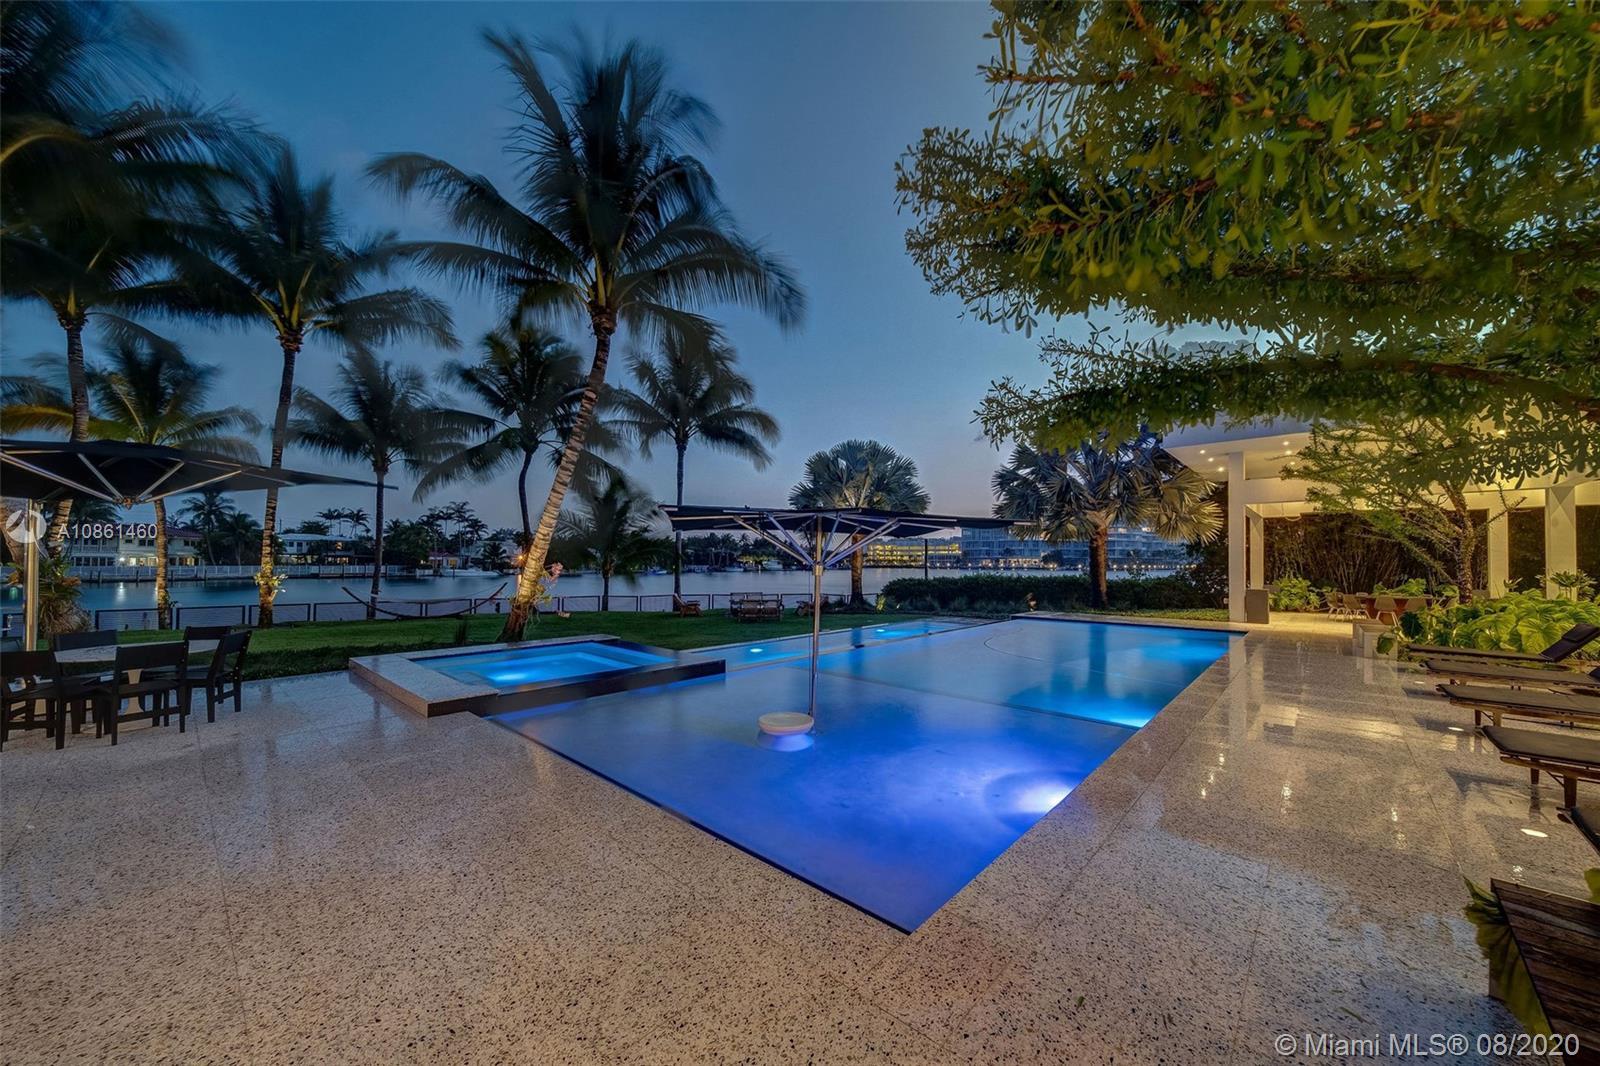 544 Lakeview ct- miami-beach-fl-33140-a10861460-Pic73